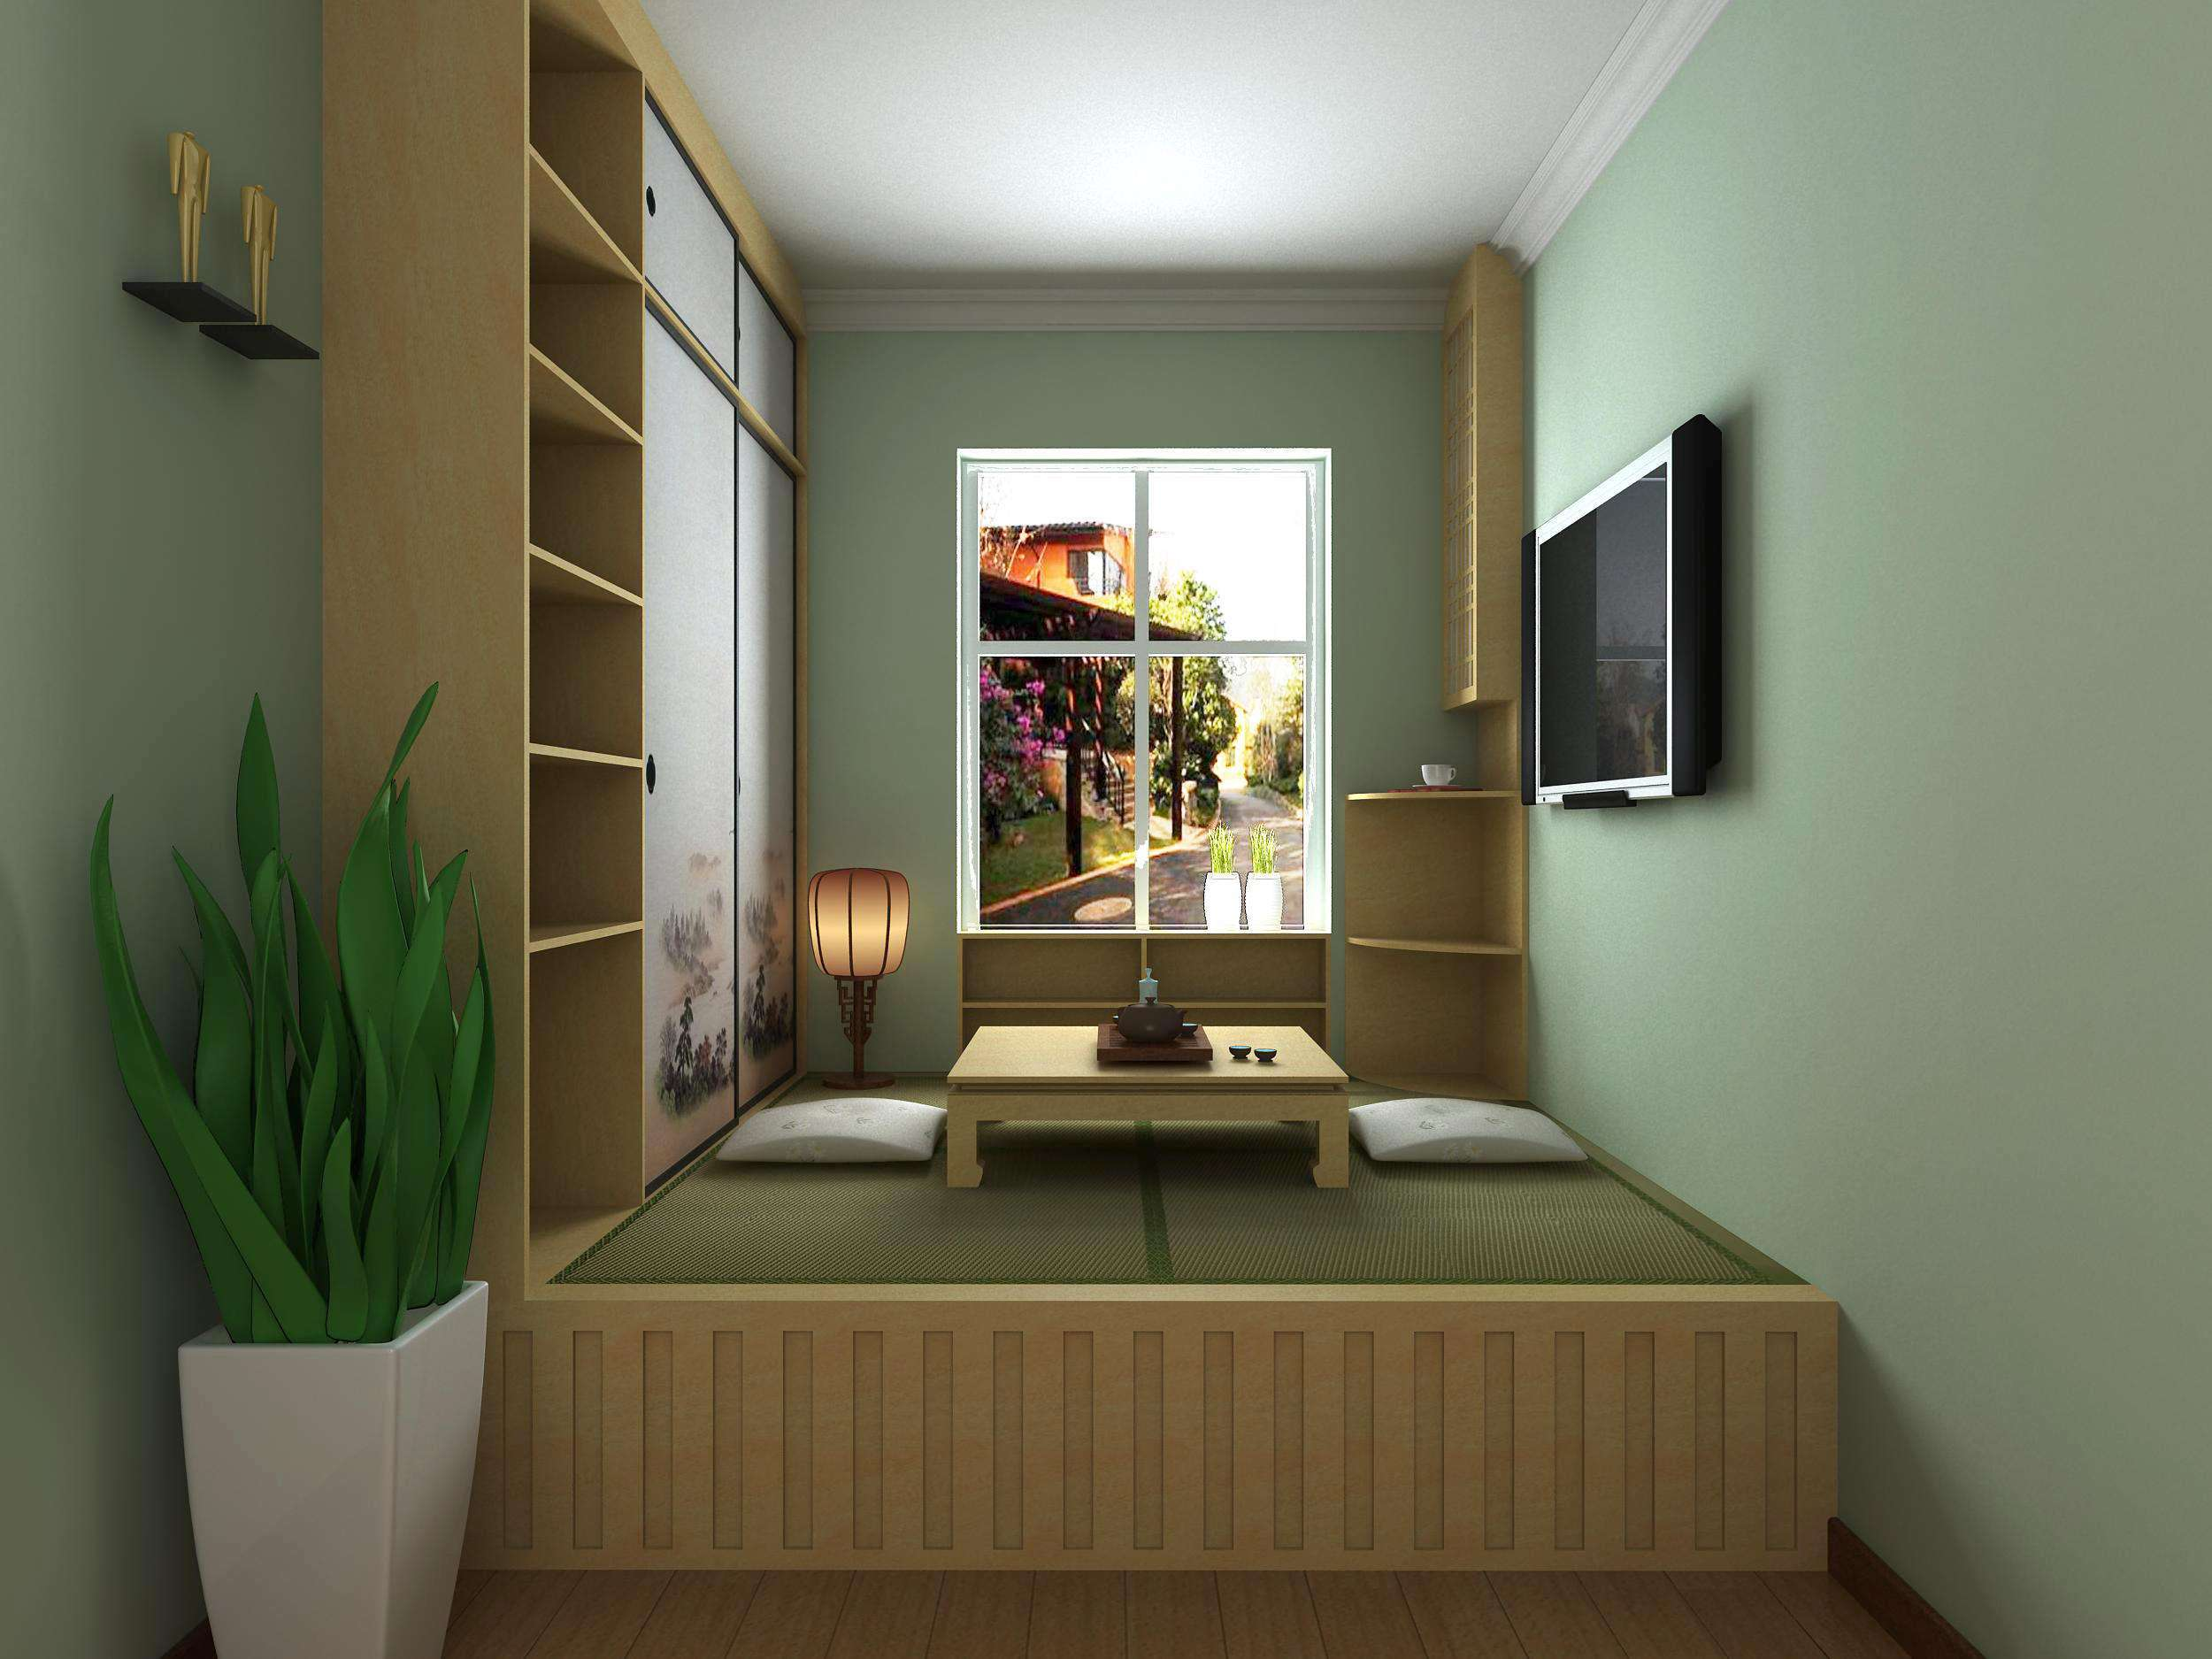 小房间榻榻米床效果图欣赏 榻榻米有哪些好处?图片